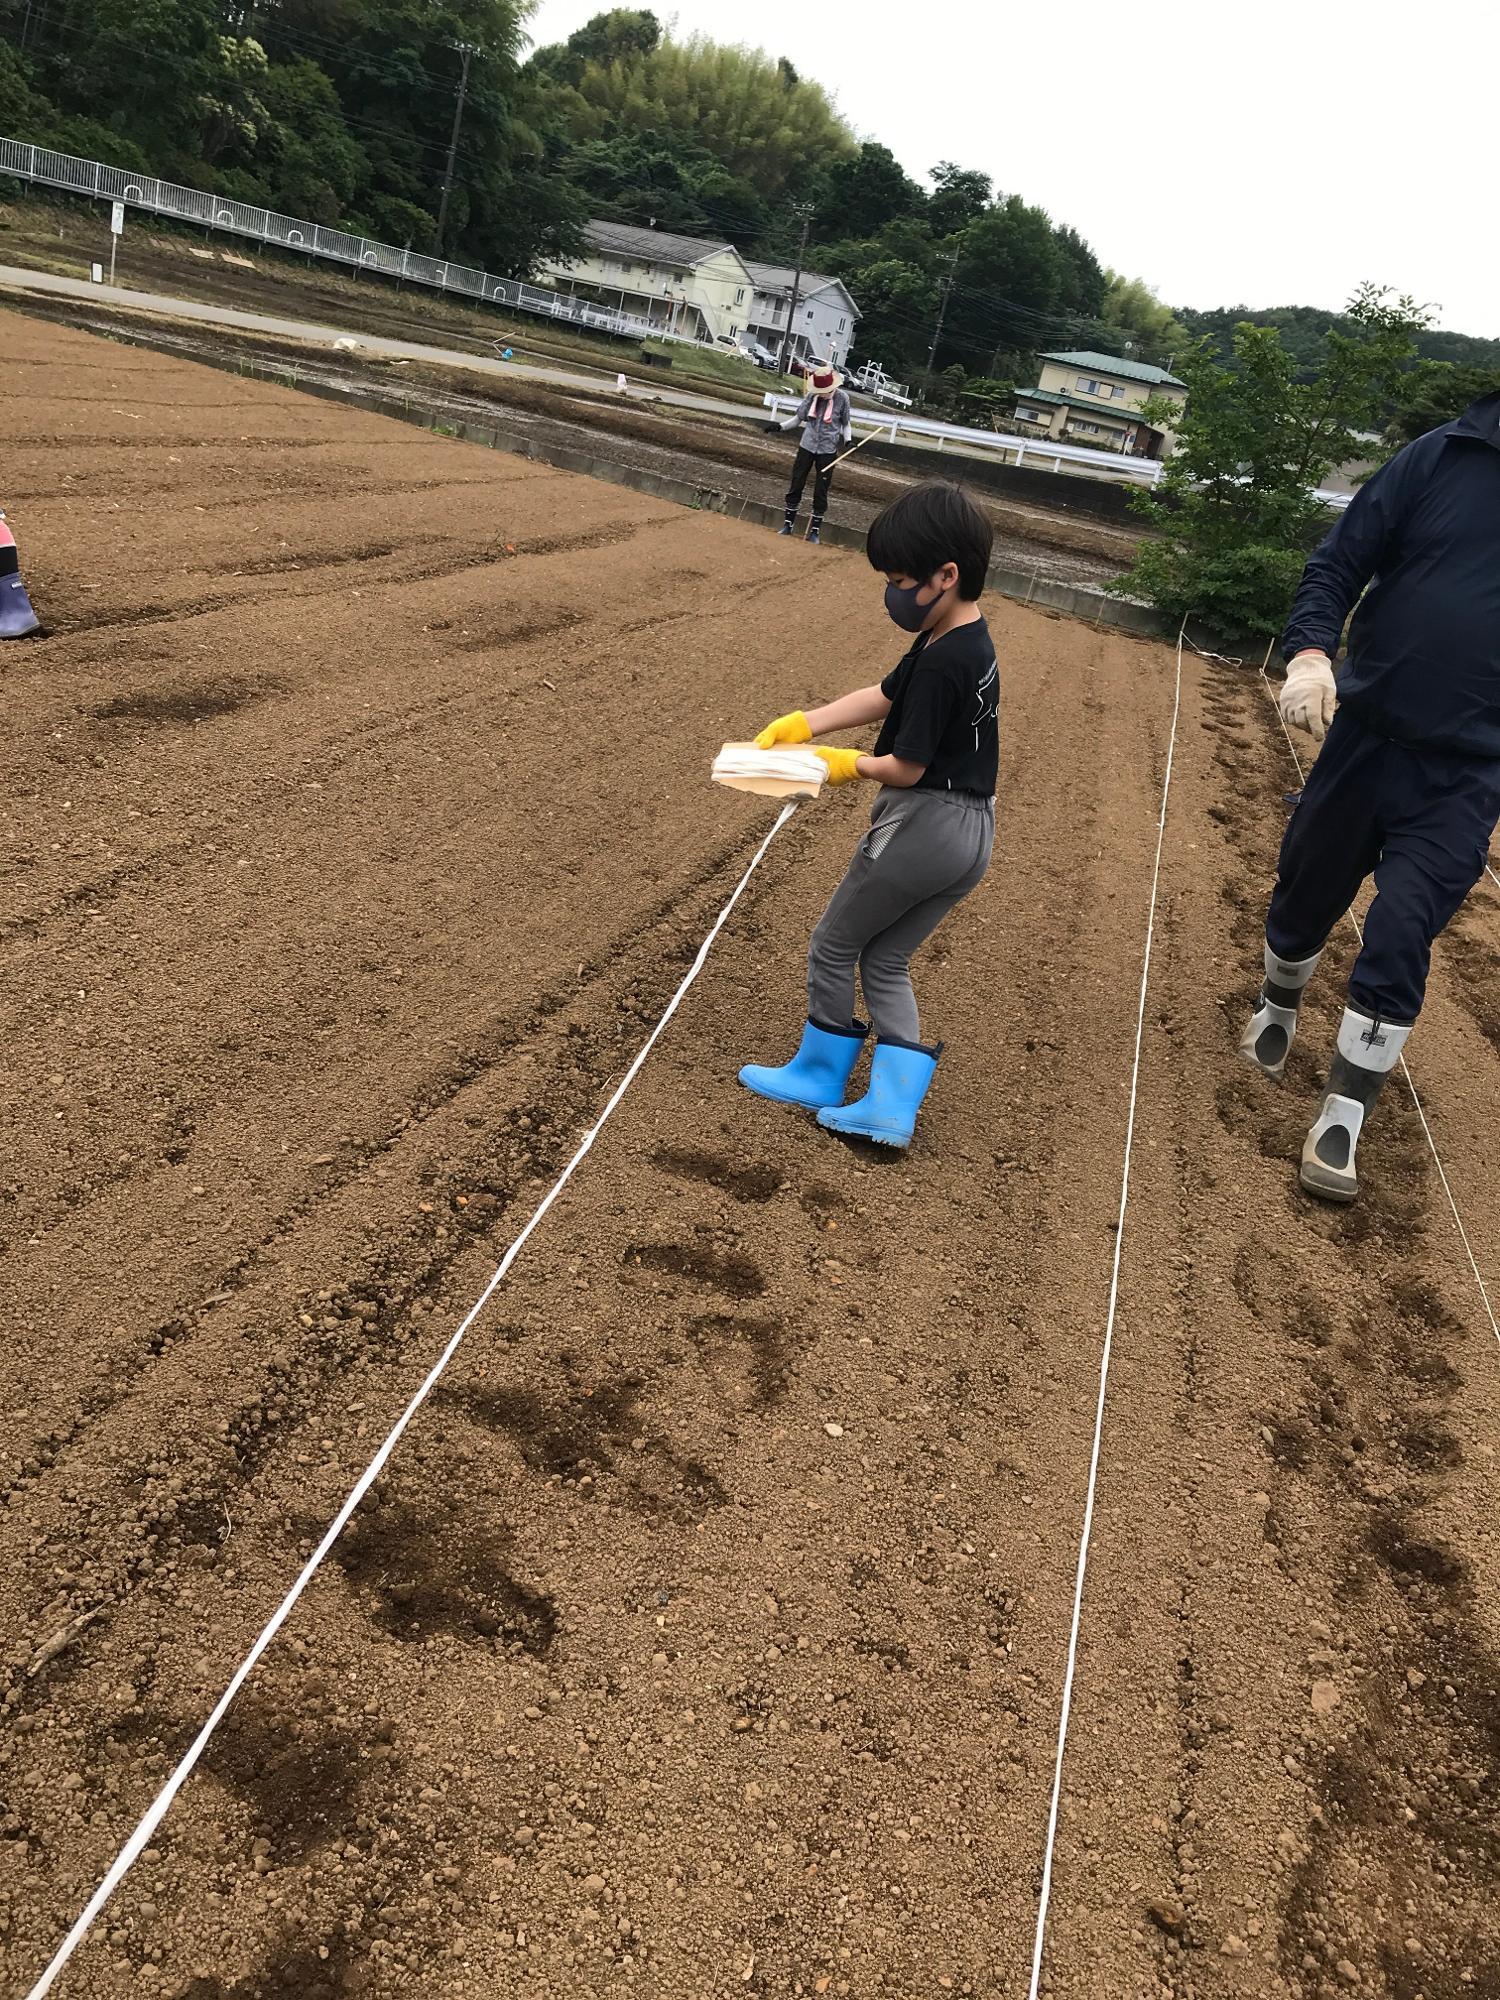 我が子もロープを張るのをお手伝い。種をまく土を踏まないように丁寧にロープを張っていきます。